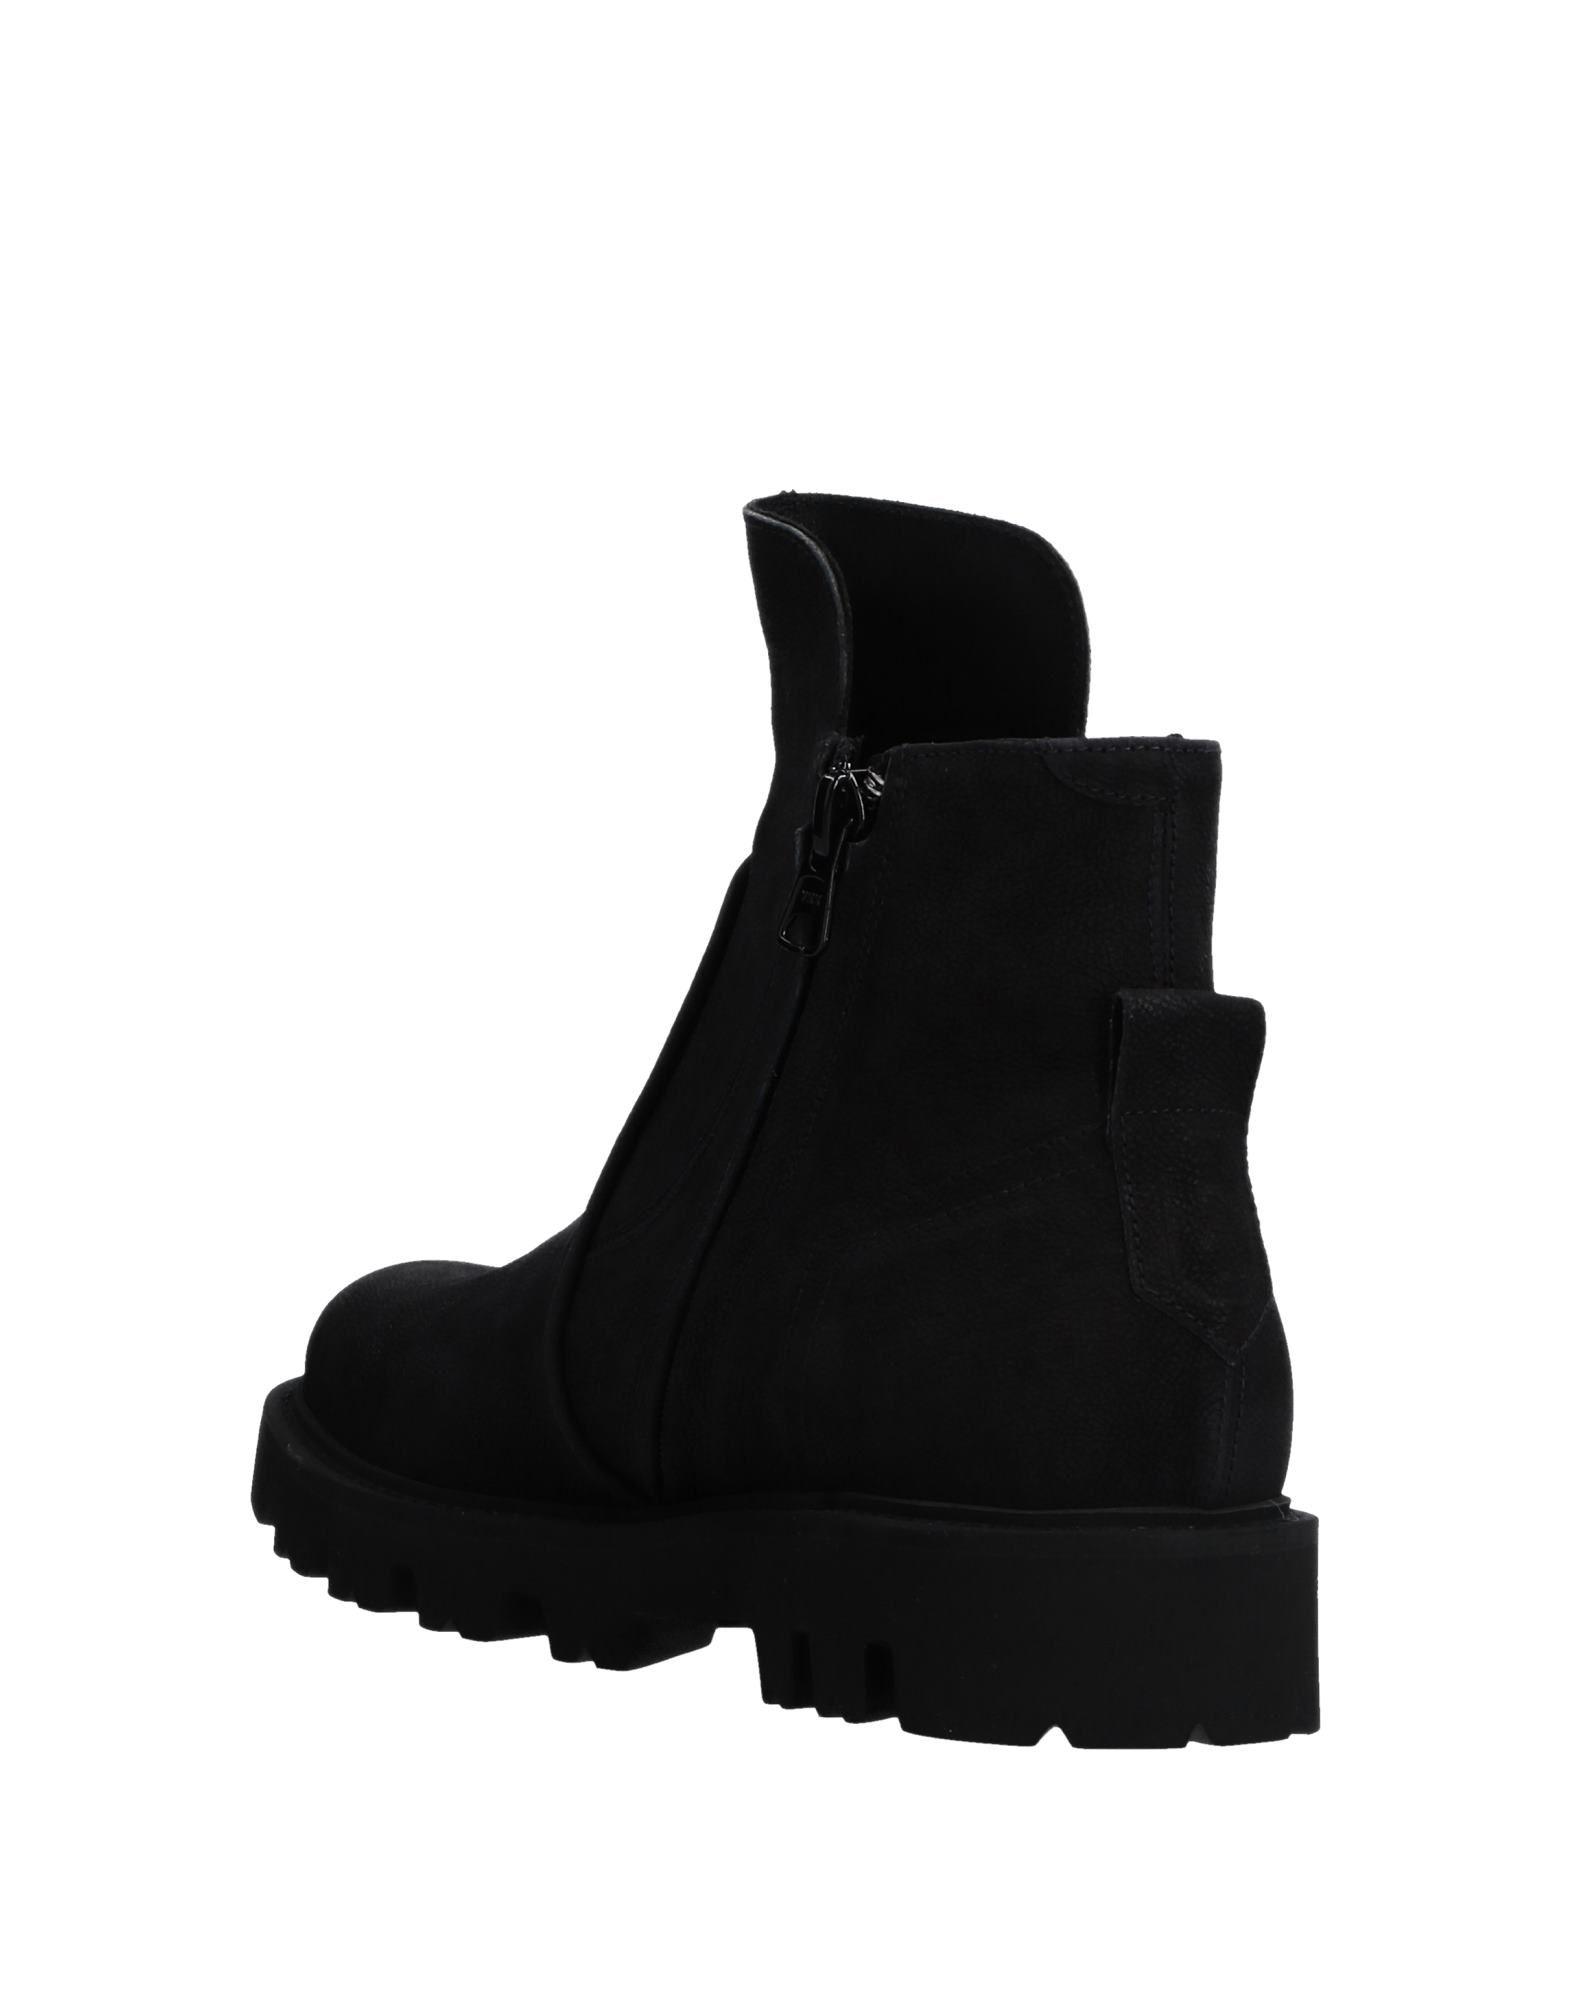 Bruno Bordese Stiefelette Herren  11527318NJ Gute Qualität beliebte Schuhe